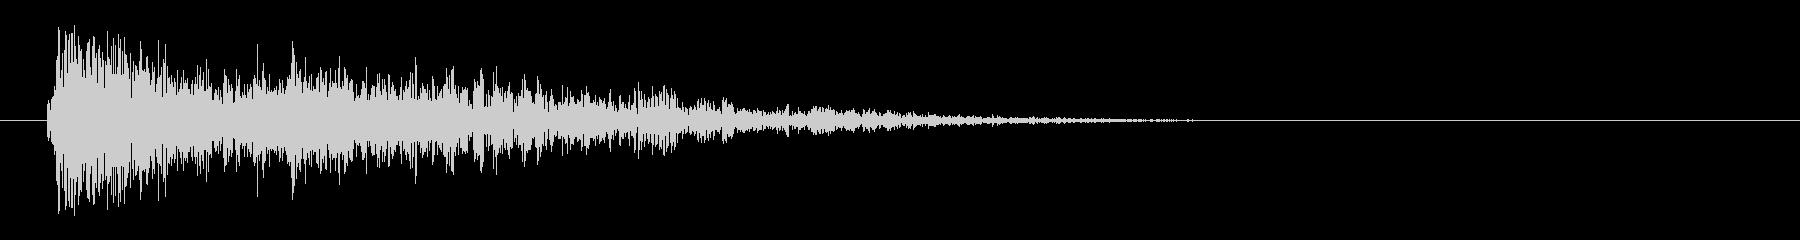 レーザー音-26-3の未再生の波形